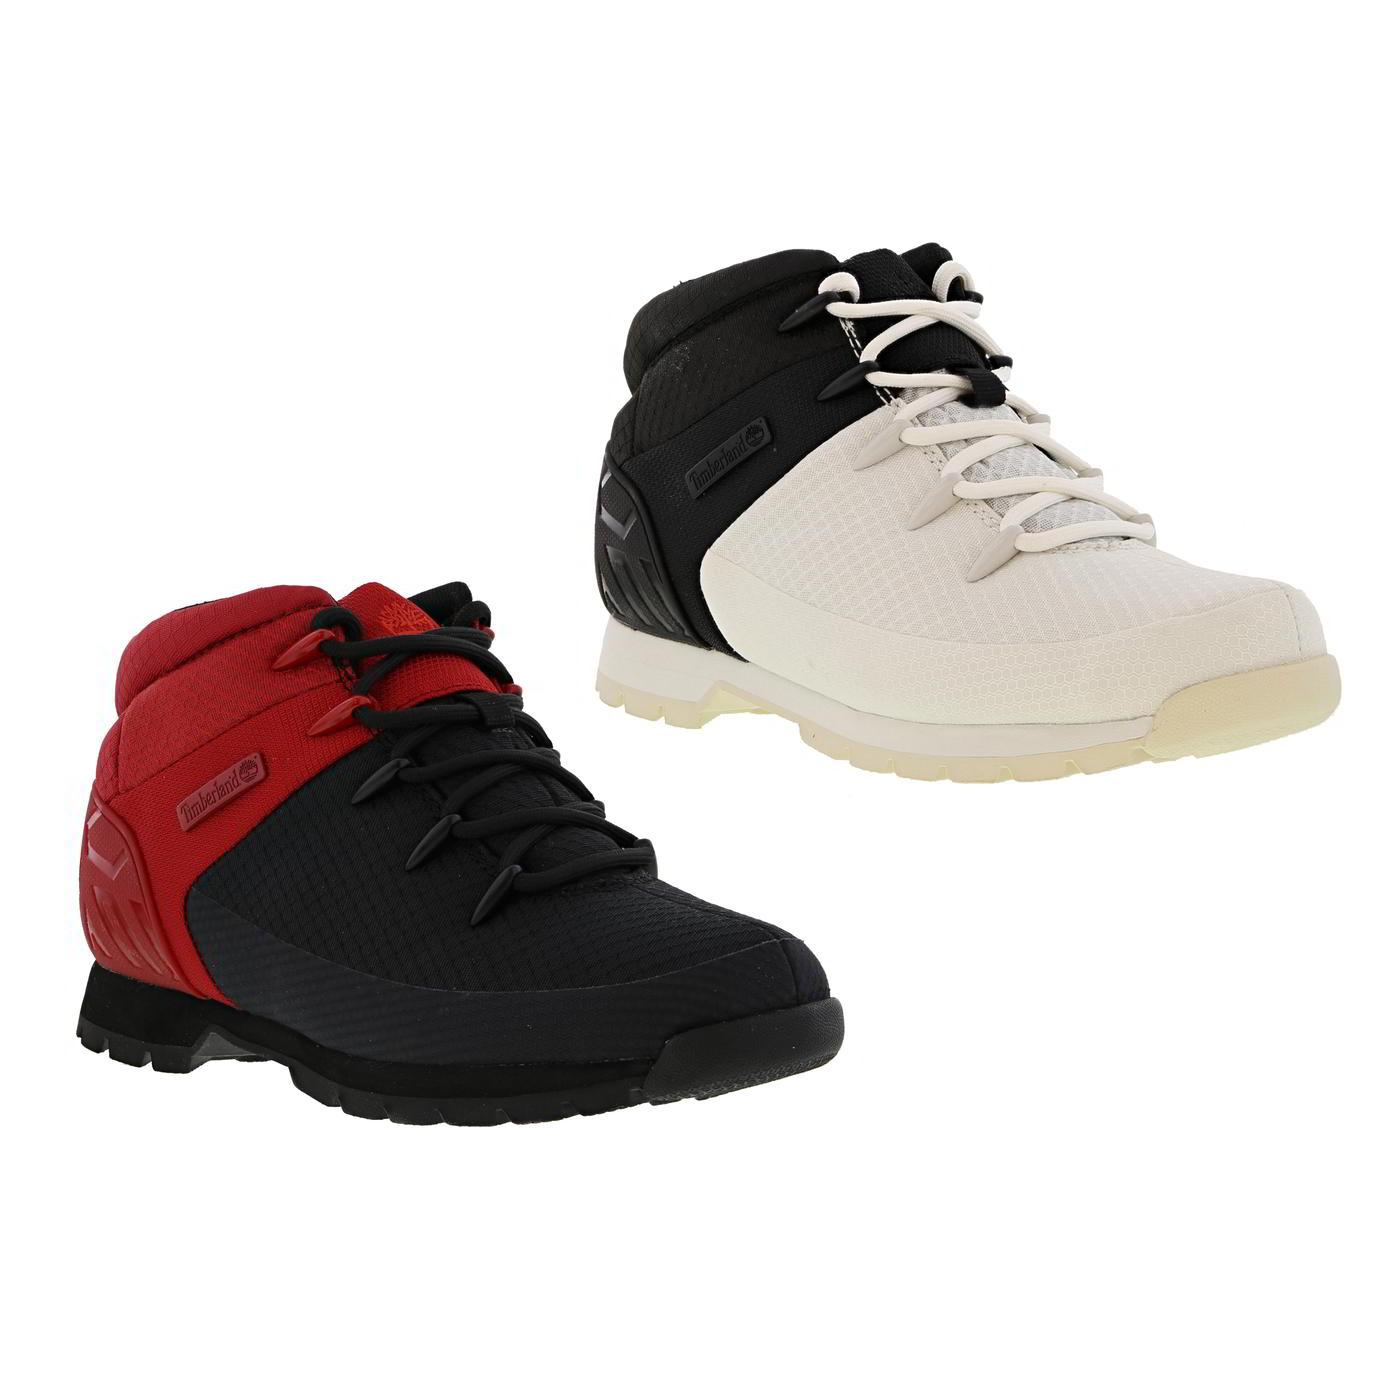 top quality on feet shots of los angeles Detalles de Timberland Euro Sprint Botas De Excursionista De Hombre Negro  Blanco Rojo Tobillo Botas Talla 8-11- ver título original